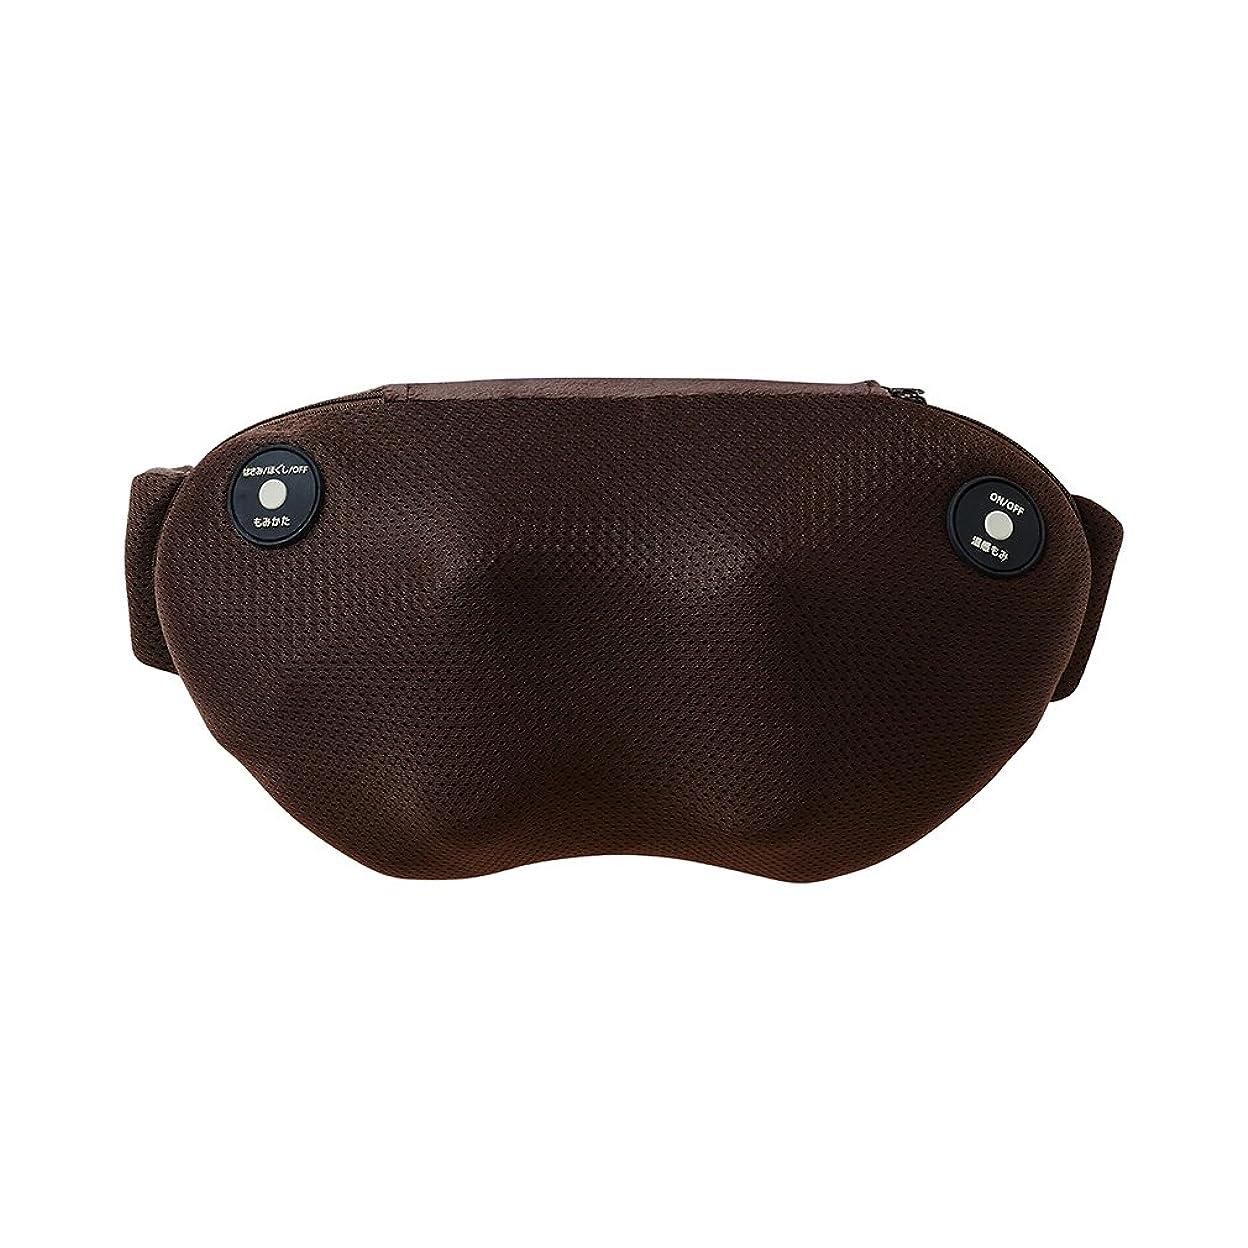 トチの実の木奪う歯科のドウシシャ マッサージ器 首 肩 腰 腕 もみラックス4 ブラウン DPM-1601 BR